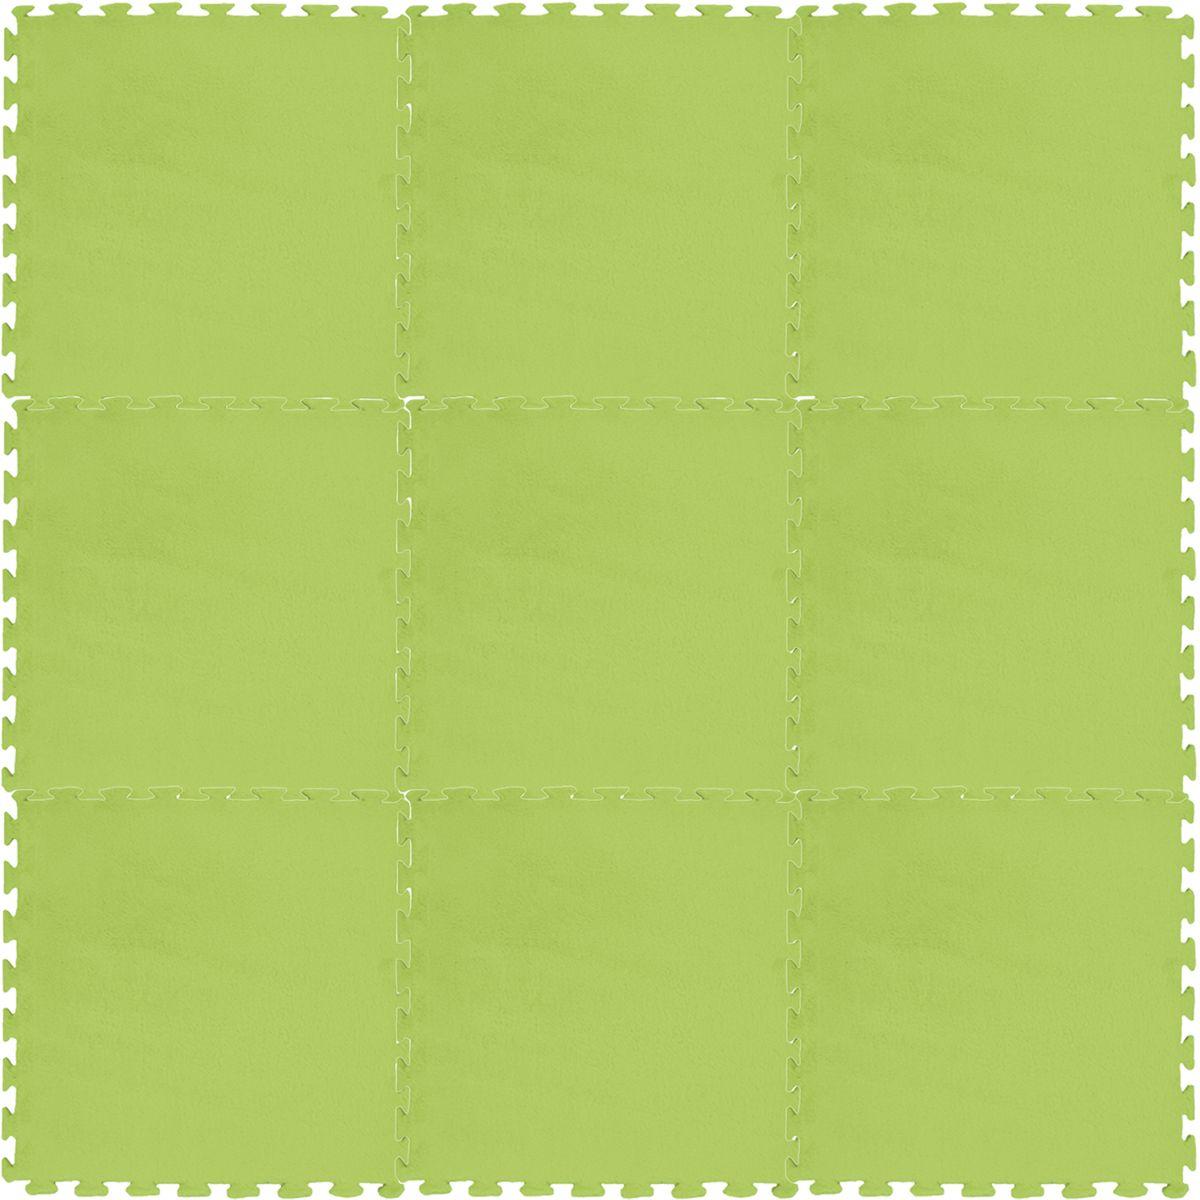 Meitoku Коврик цвет зеленый 9 деталей